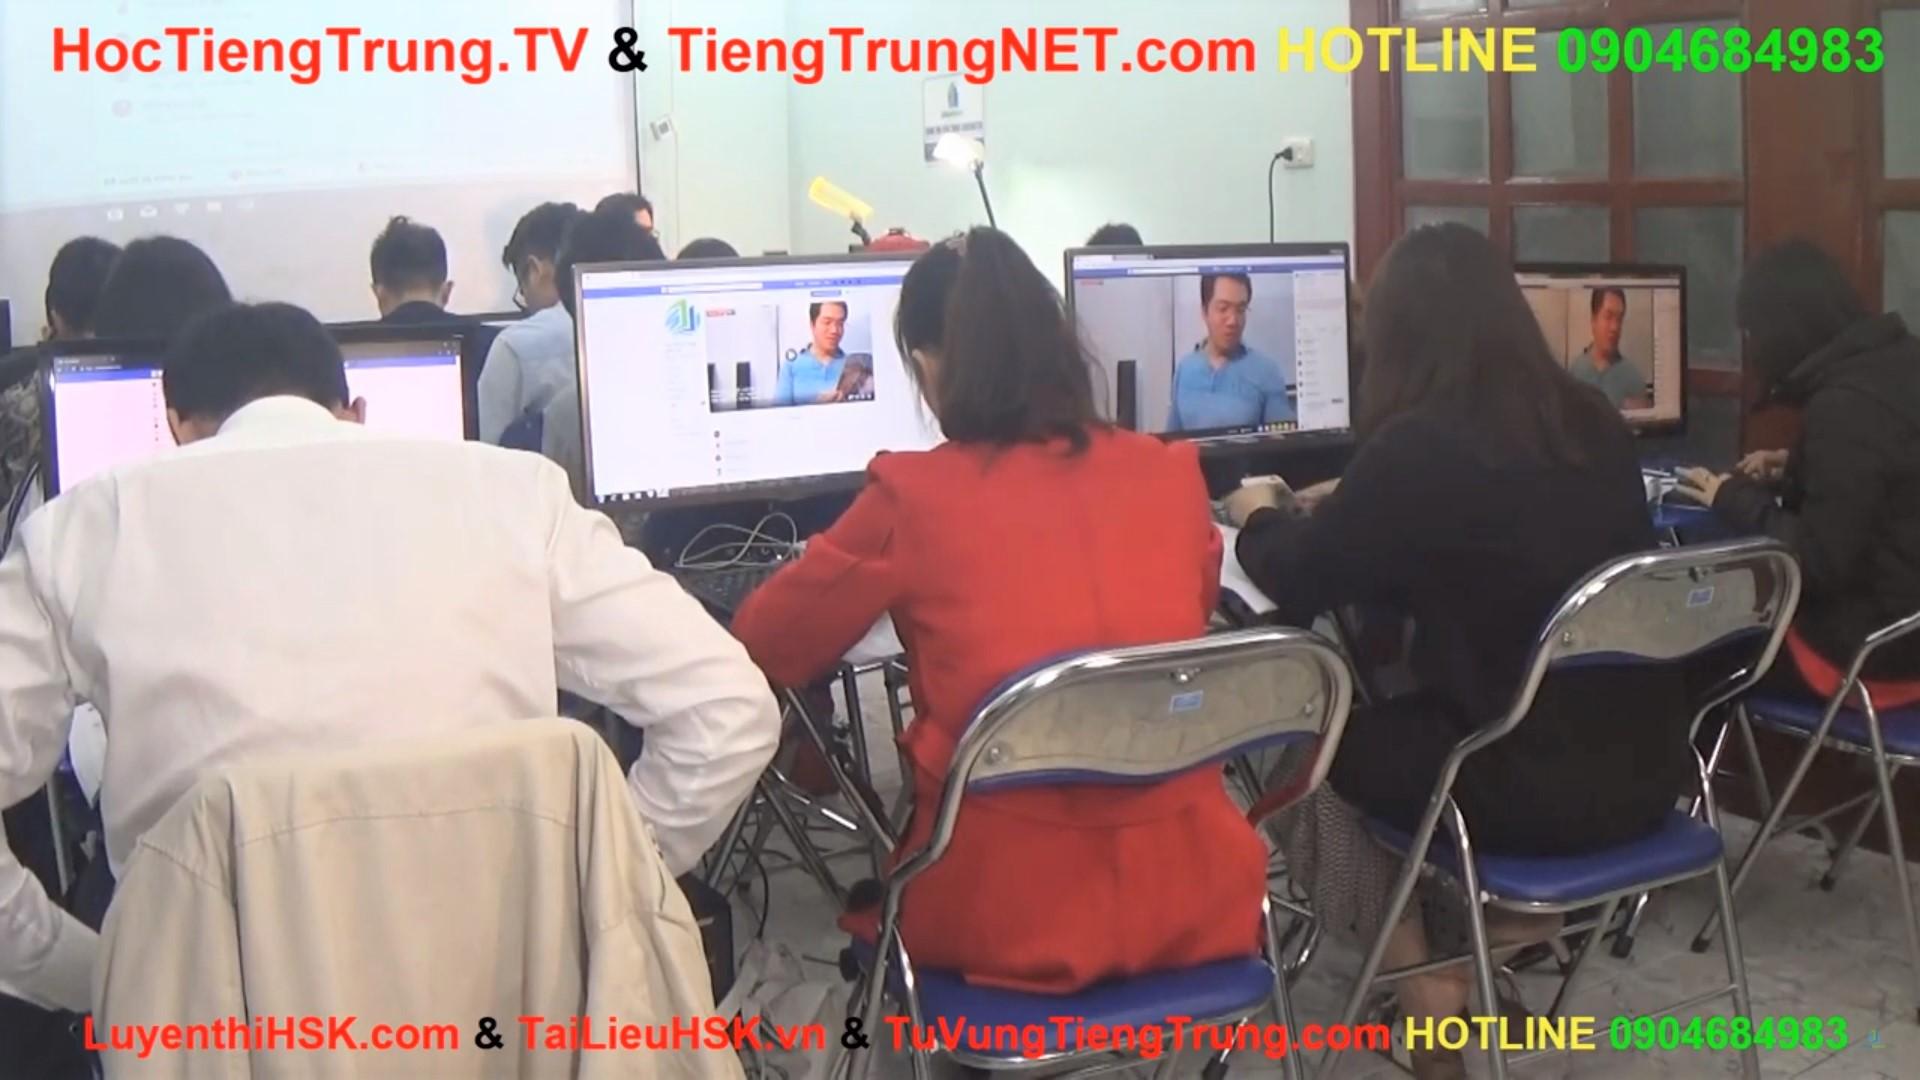 Học tiếng Trung online Thầy Vũ Trung tâm tiếng Trung ChineMaster 17